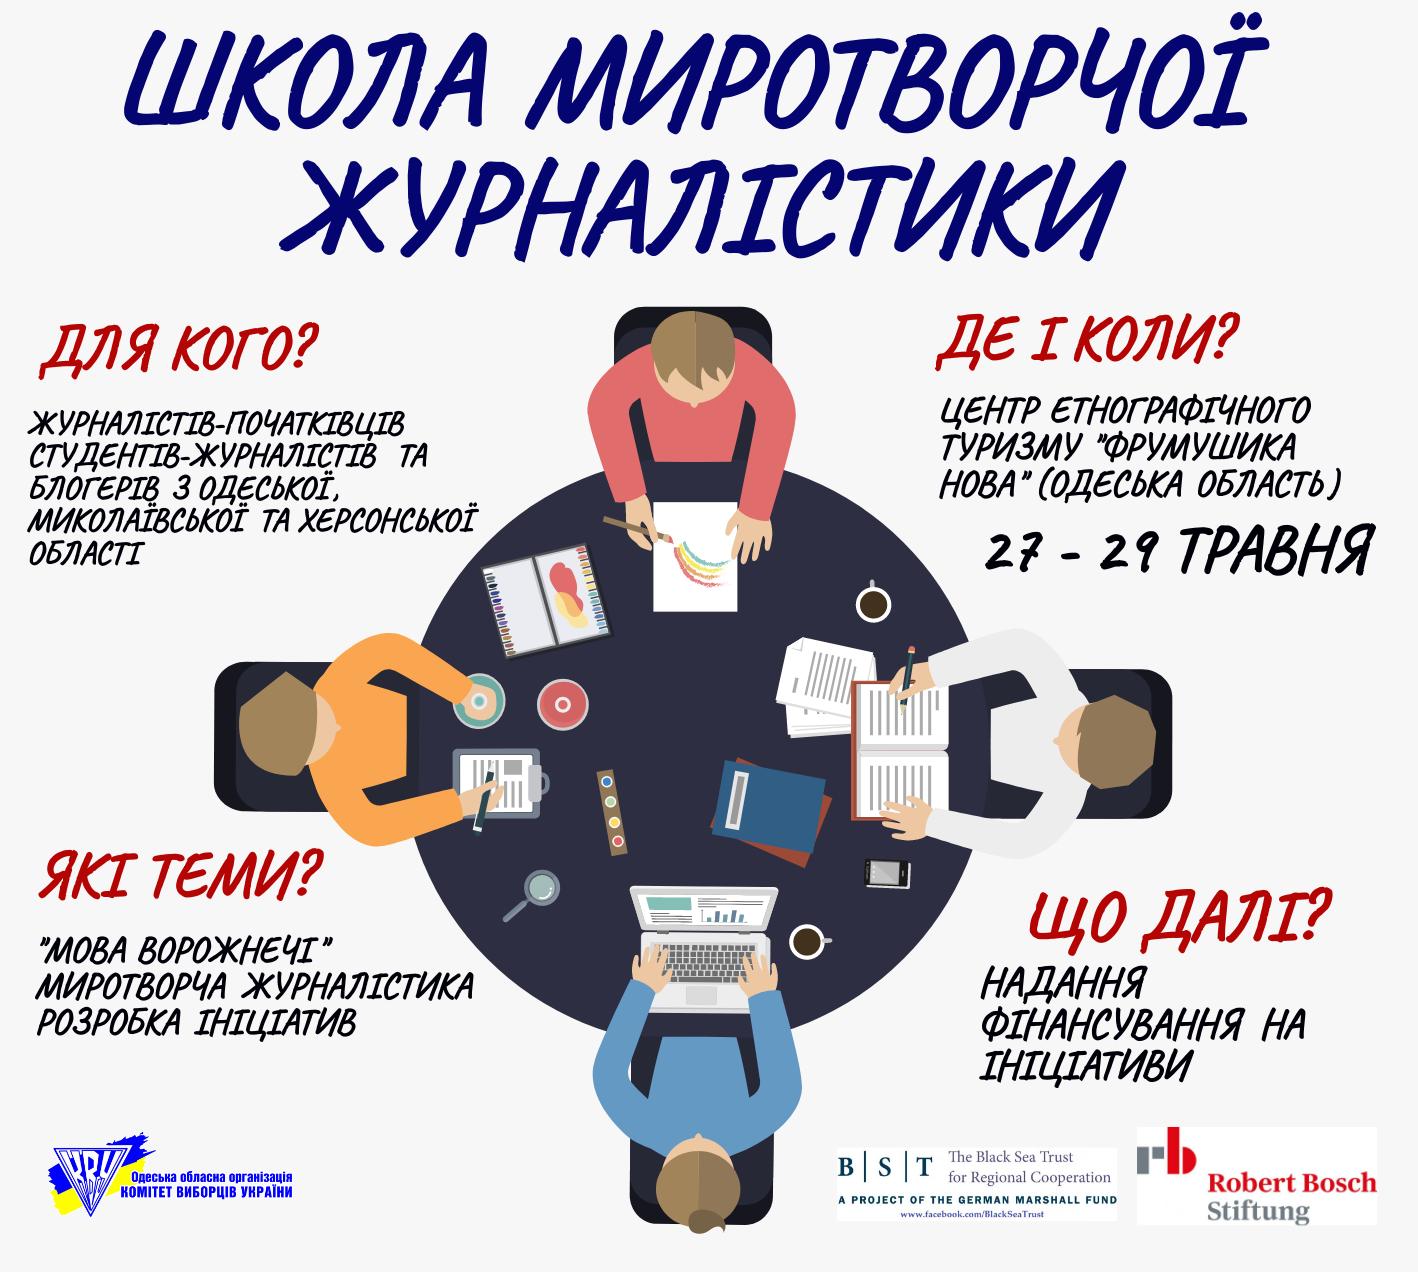 Відбір учасників навчально-практичної програми «Школа миротворчої журналістики»